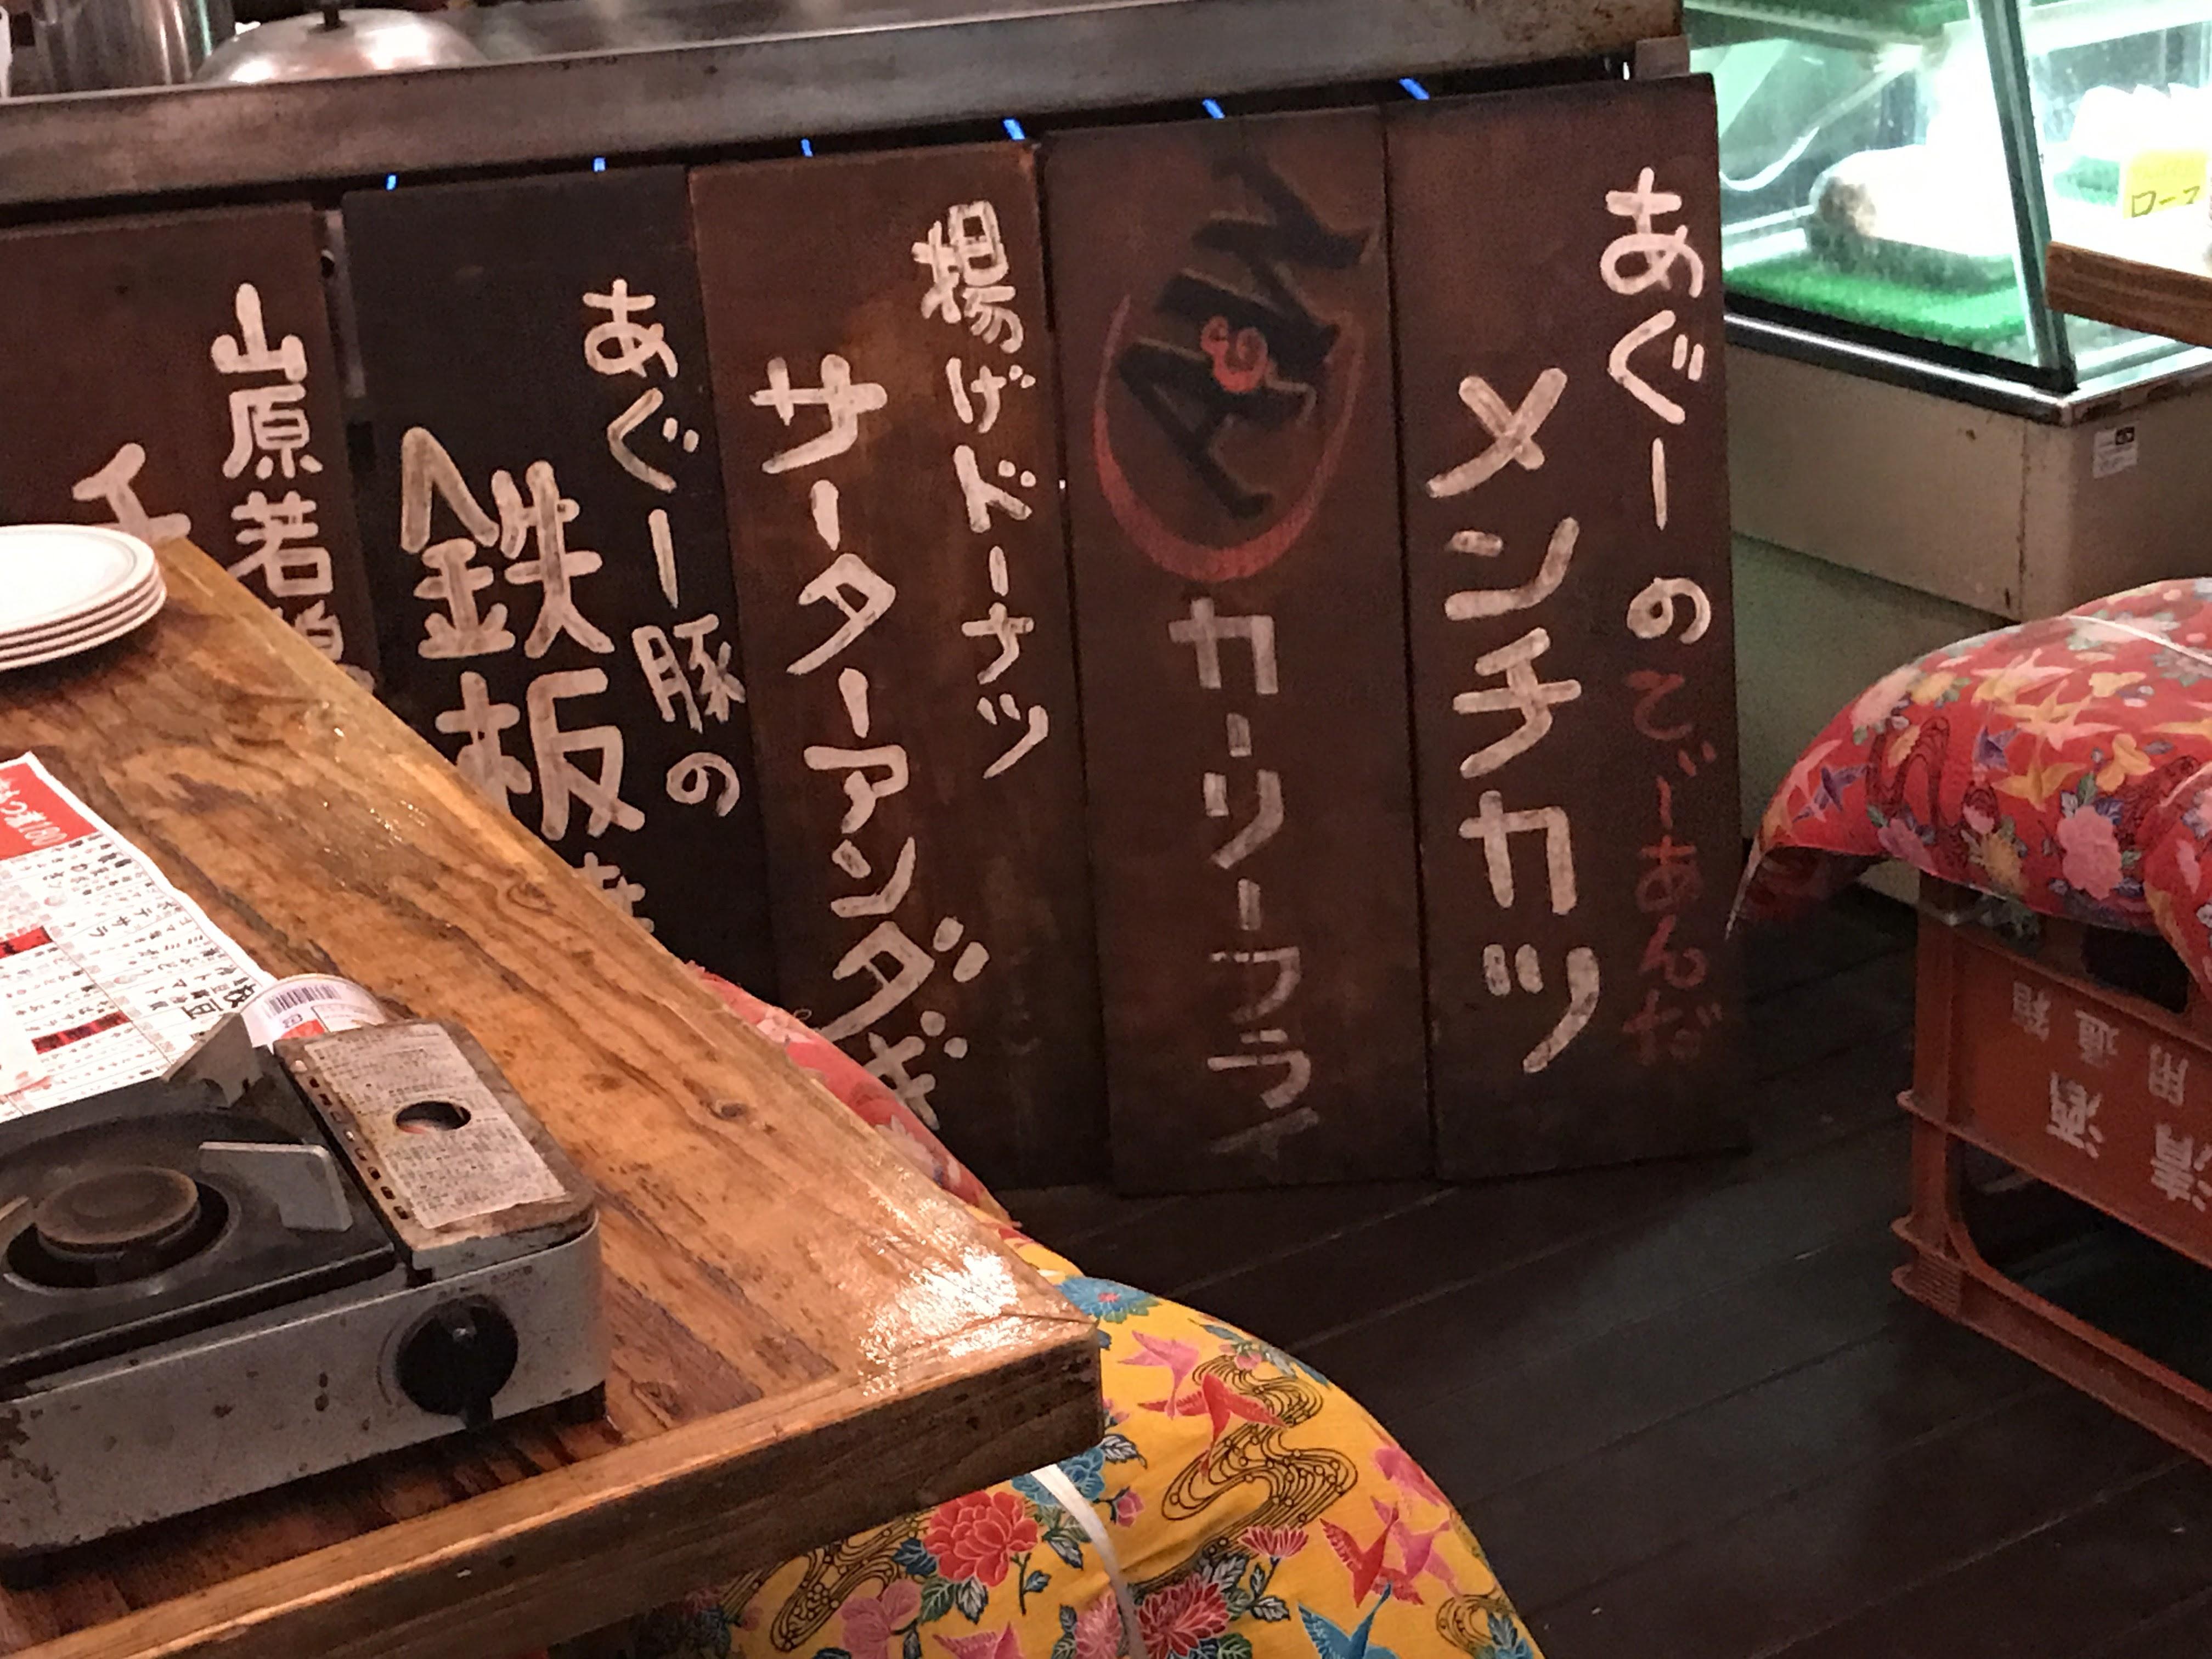 沖縄あぐーメンチカツもあるポークマン茅ヶ崎